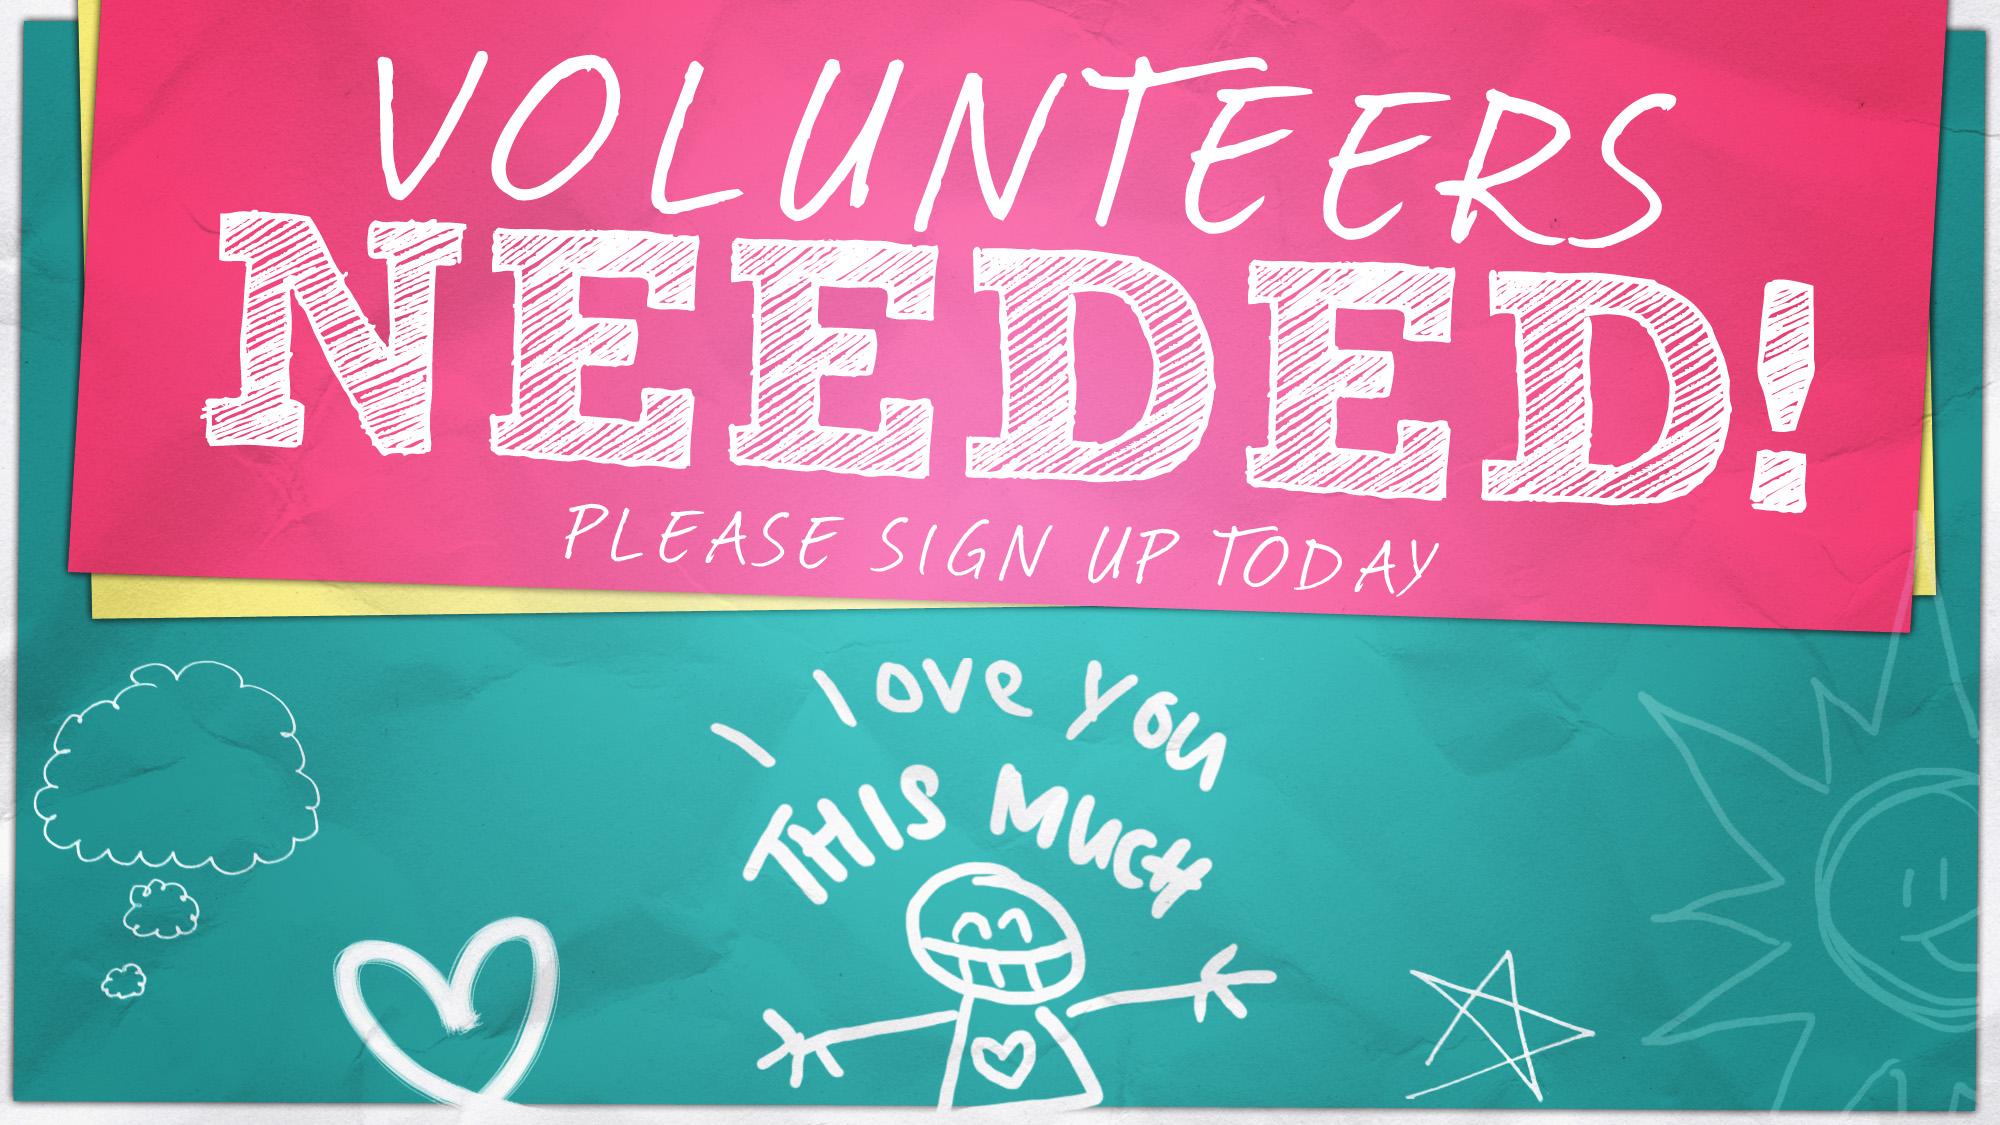 volunteers-needed_wide_t